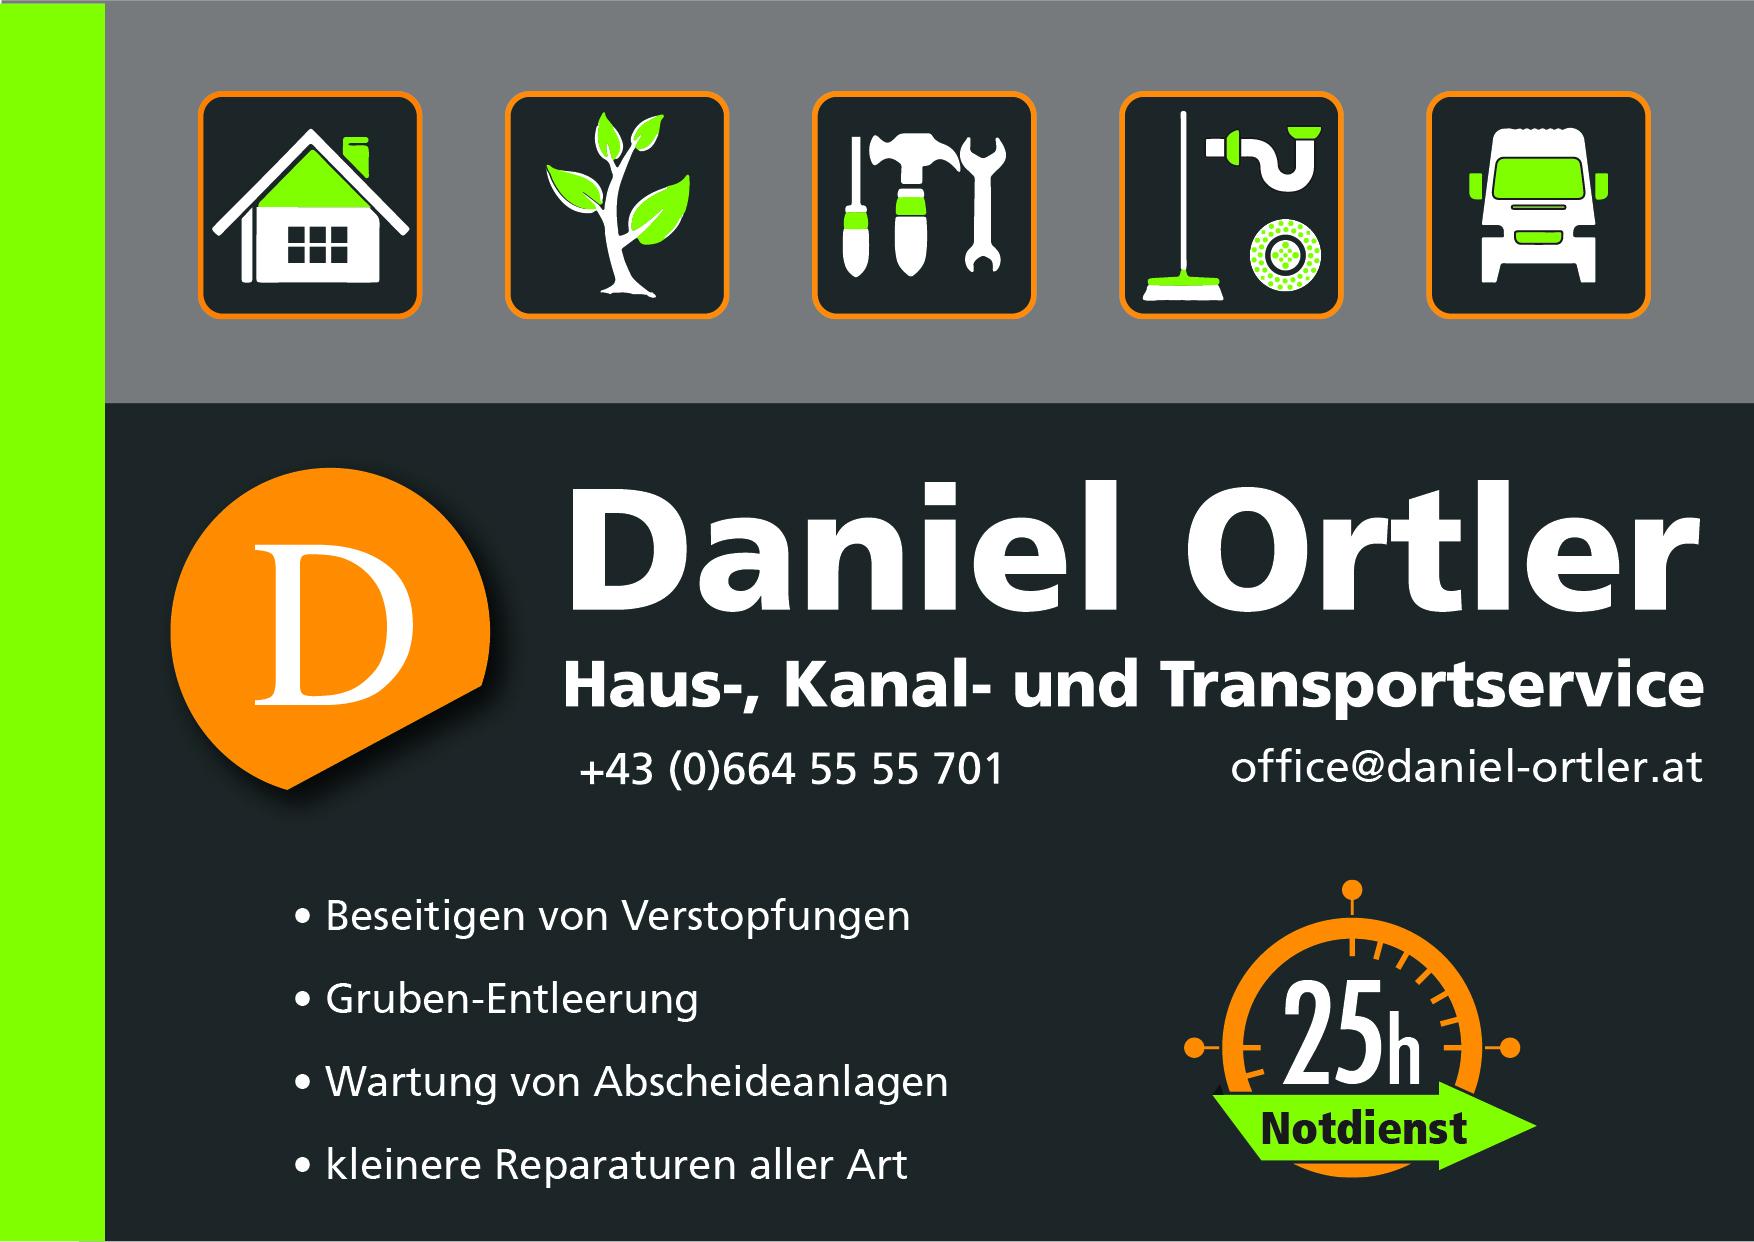 Daniel Ortler